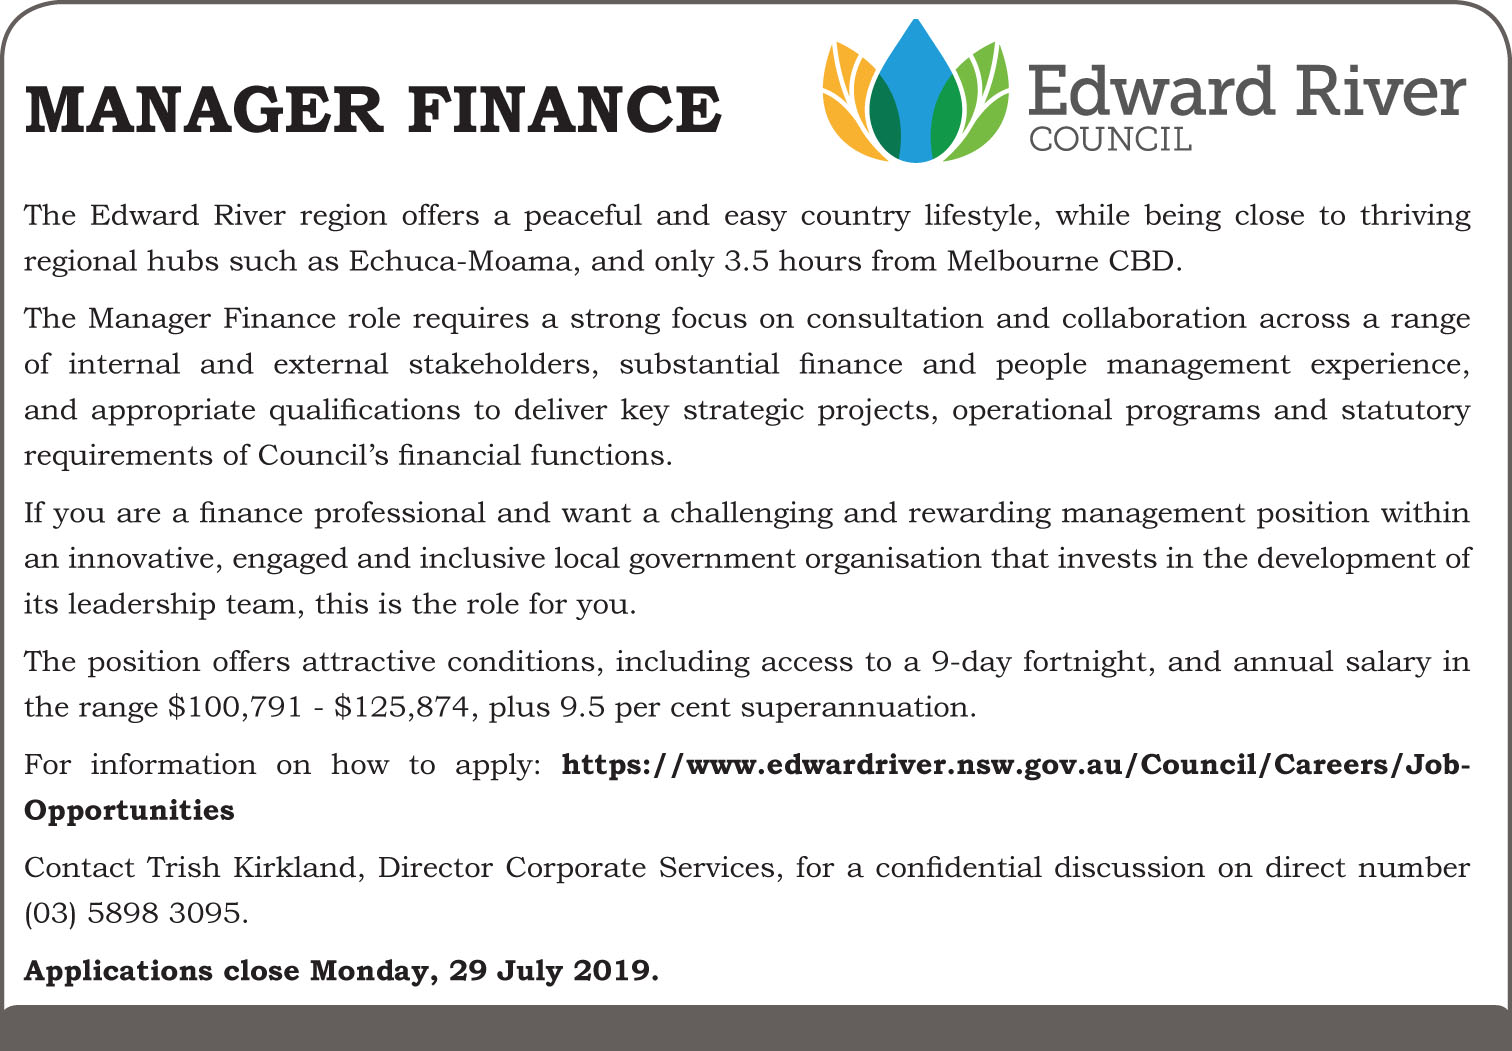 92715 NSW Edward River HPH 15 July 2019.jpg